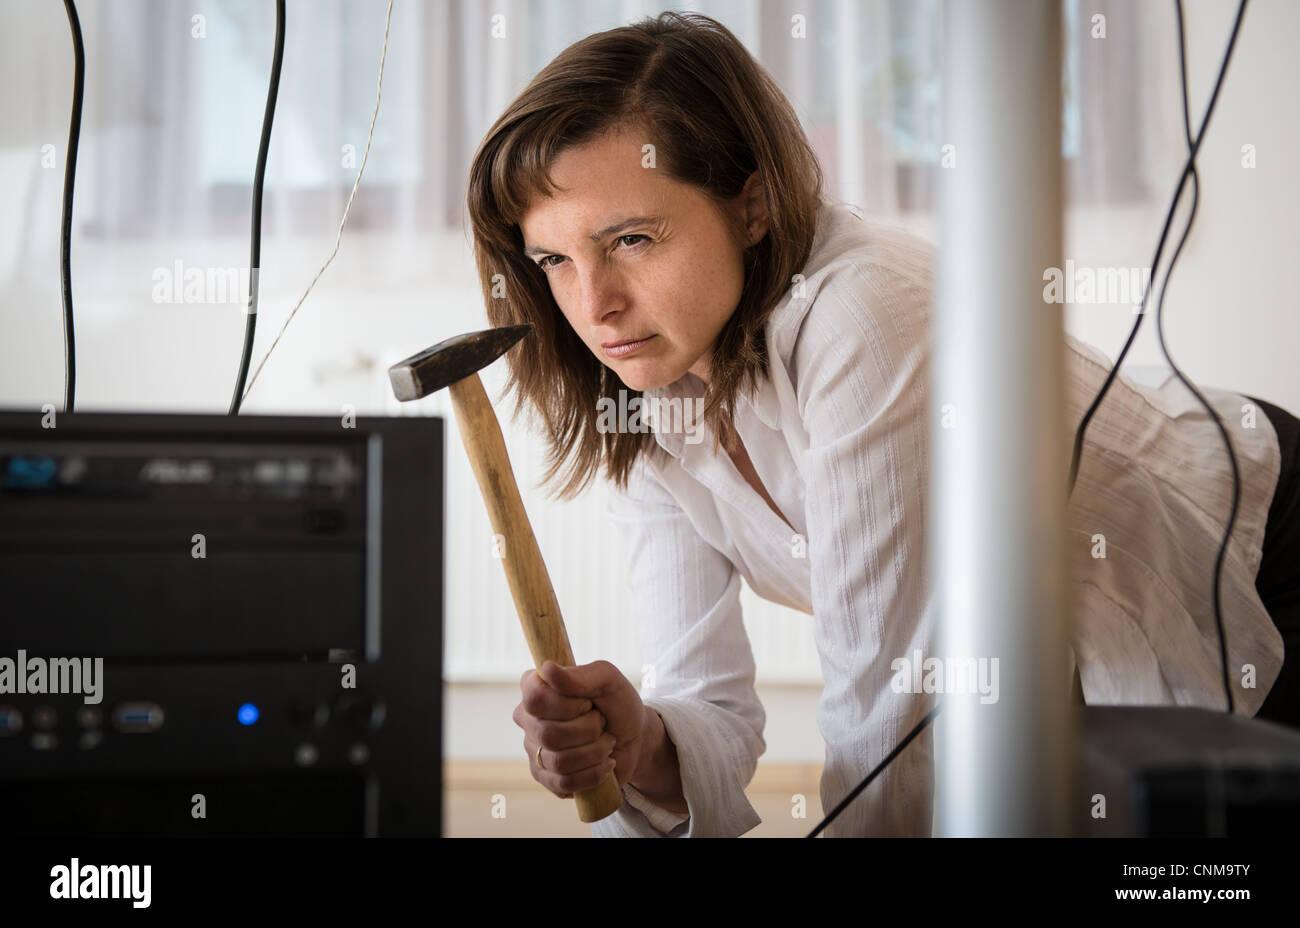 Jeune femme d'affaires ayant problème avec ordinateur et essayer de le récupérer avec un marteau Banque D'Images